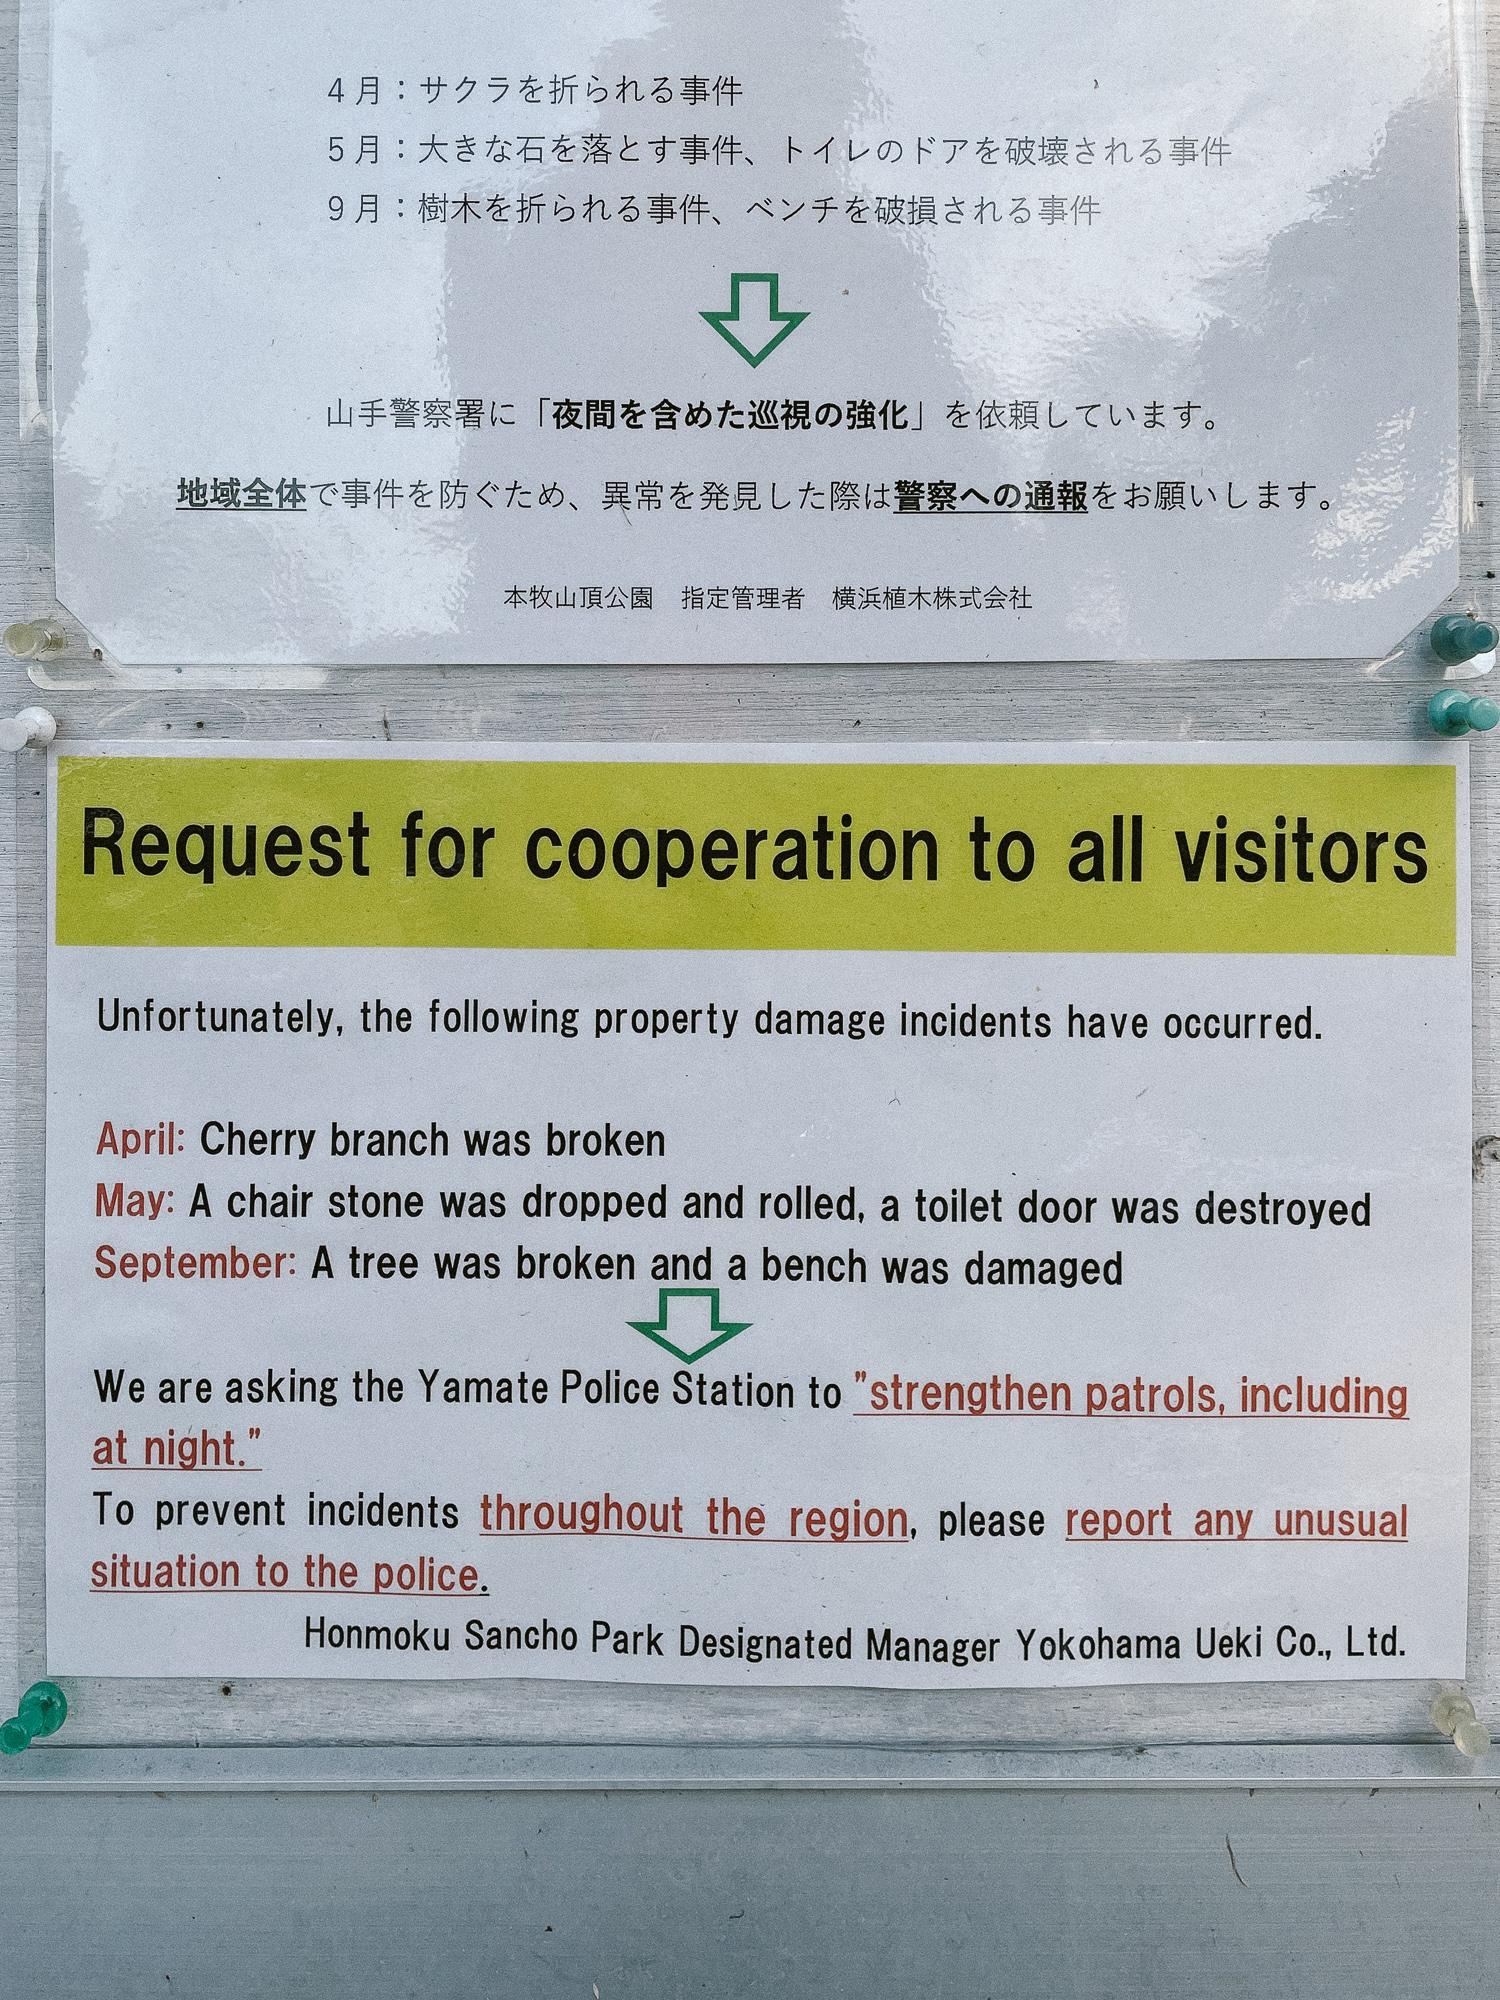 Man grūti paiet garām Japānas paziņojumu dēļiem, vienmēr interesē, kas tad ir tas svarīgais, kas tur ir sarakstīts.